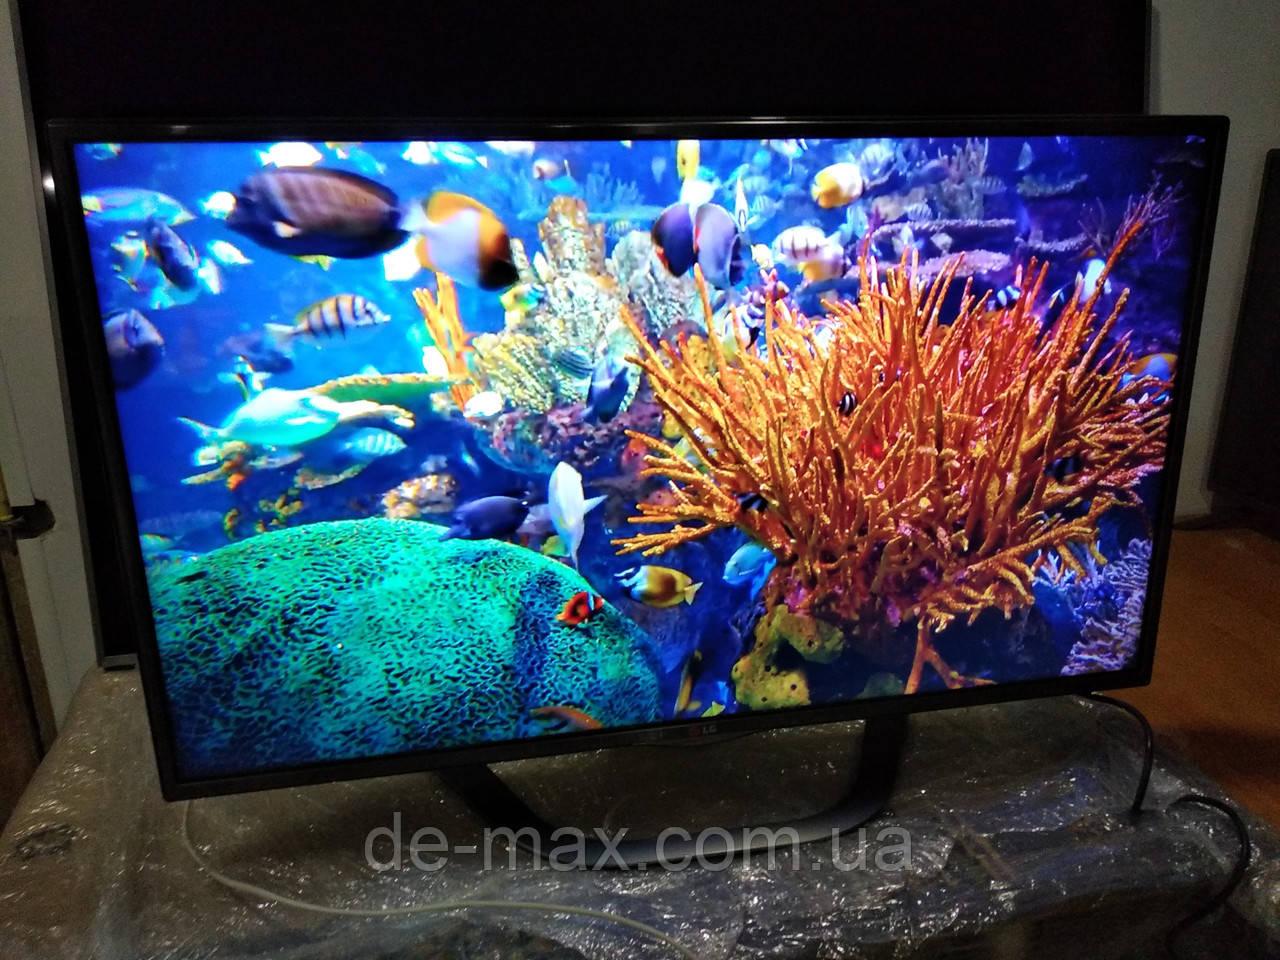 Телевизор 42 дюйма LG 42LA620V DVB-T2 Smart TV 3D Wi-Fi